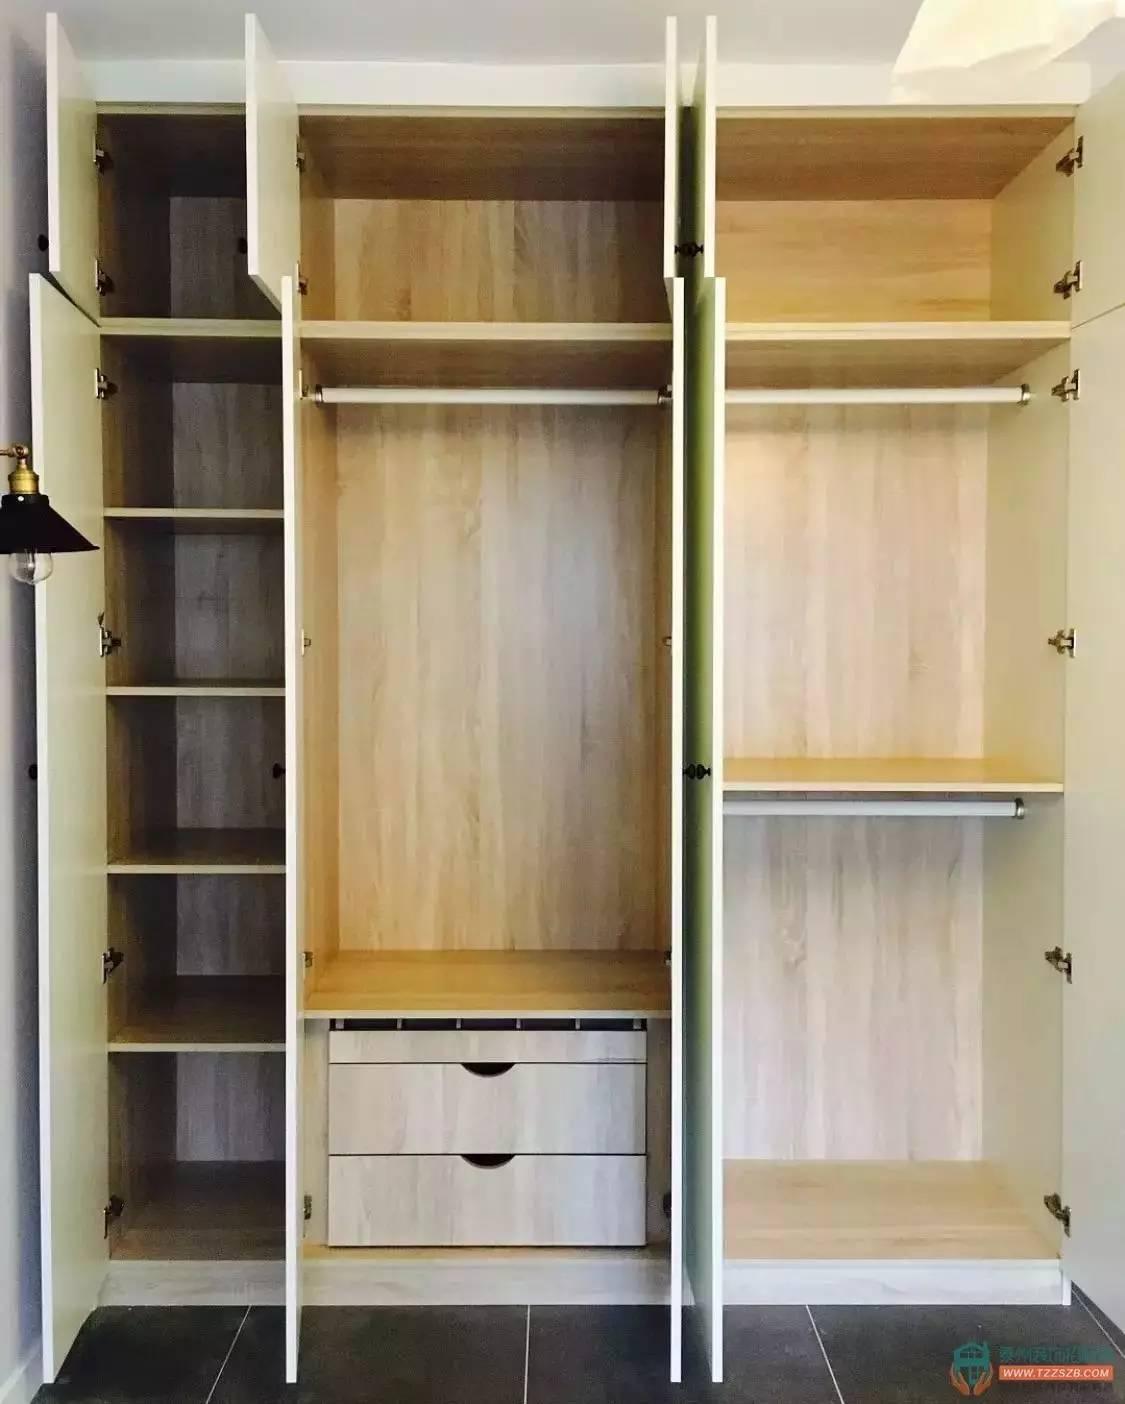 【设计】超全衣柜内部结构设计,让你家的衣柜更能装!